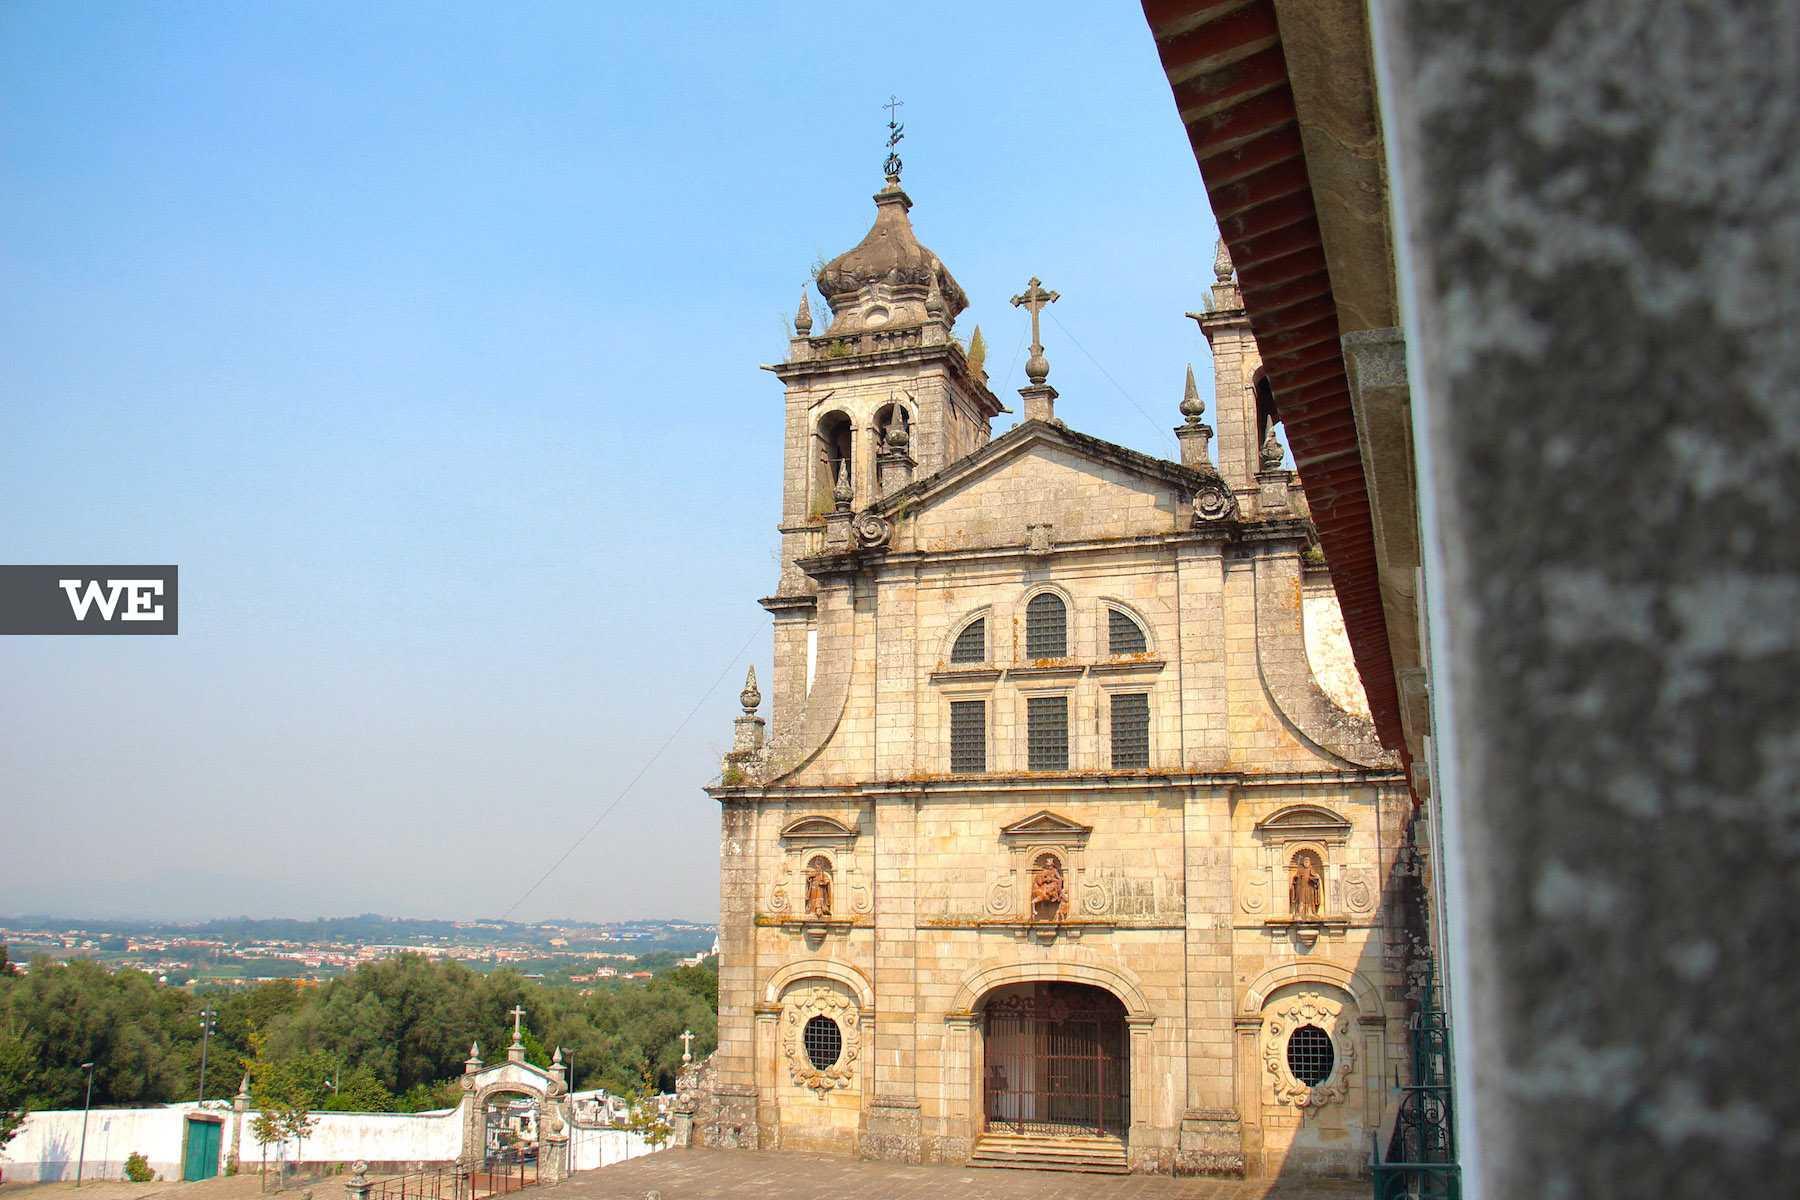 Vista da fachada da igreja do Mosteiro de Tibães